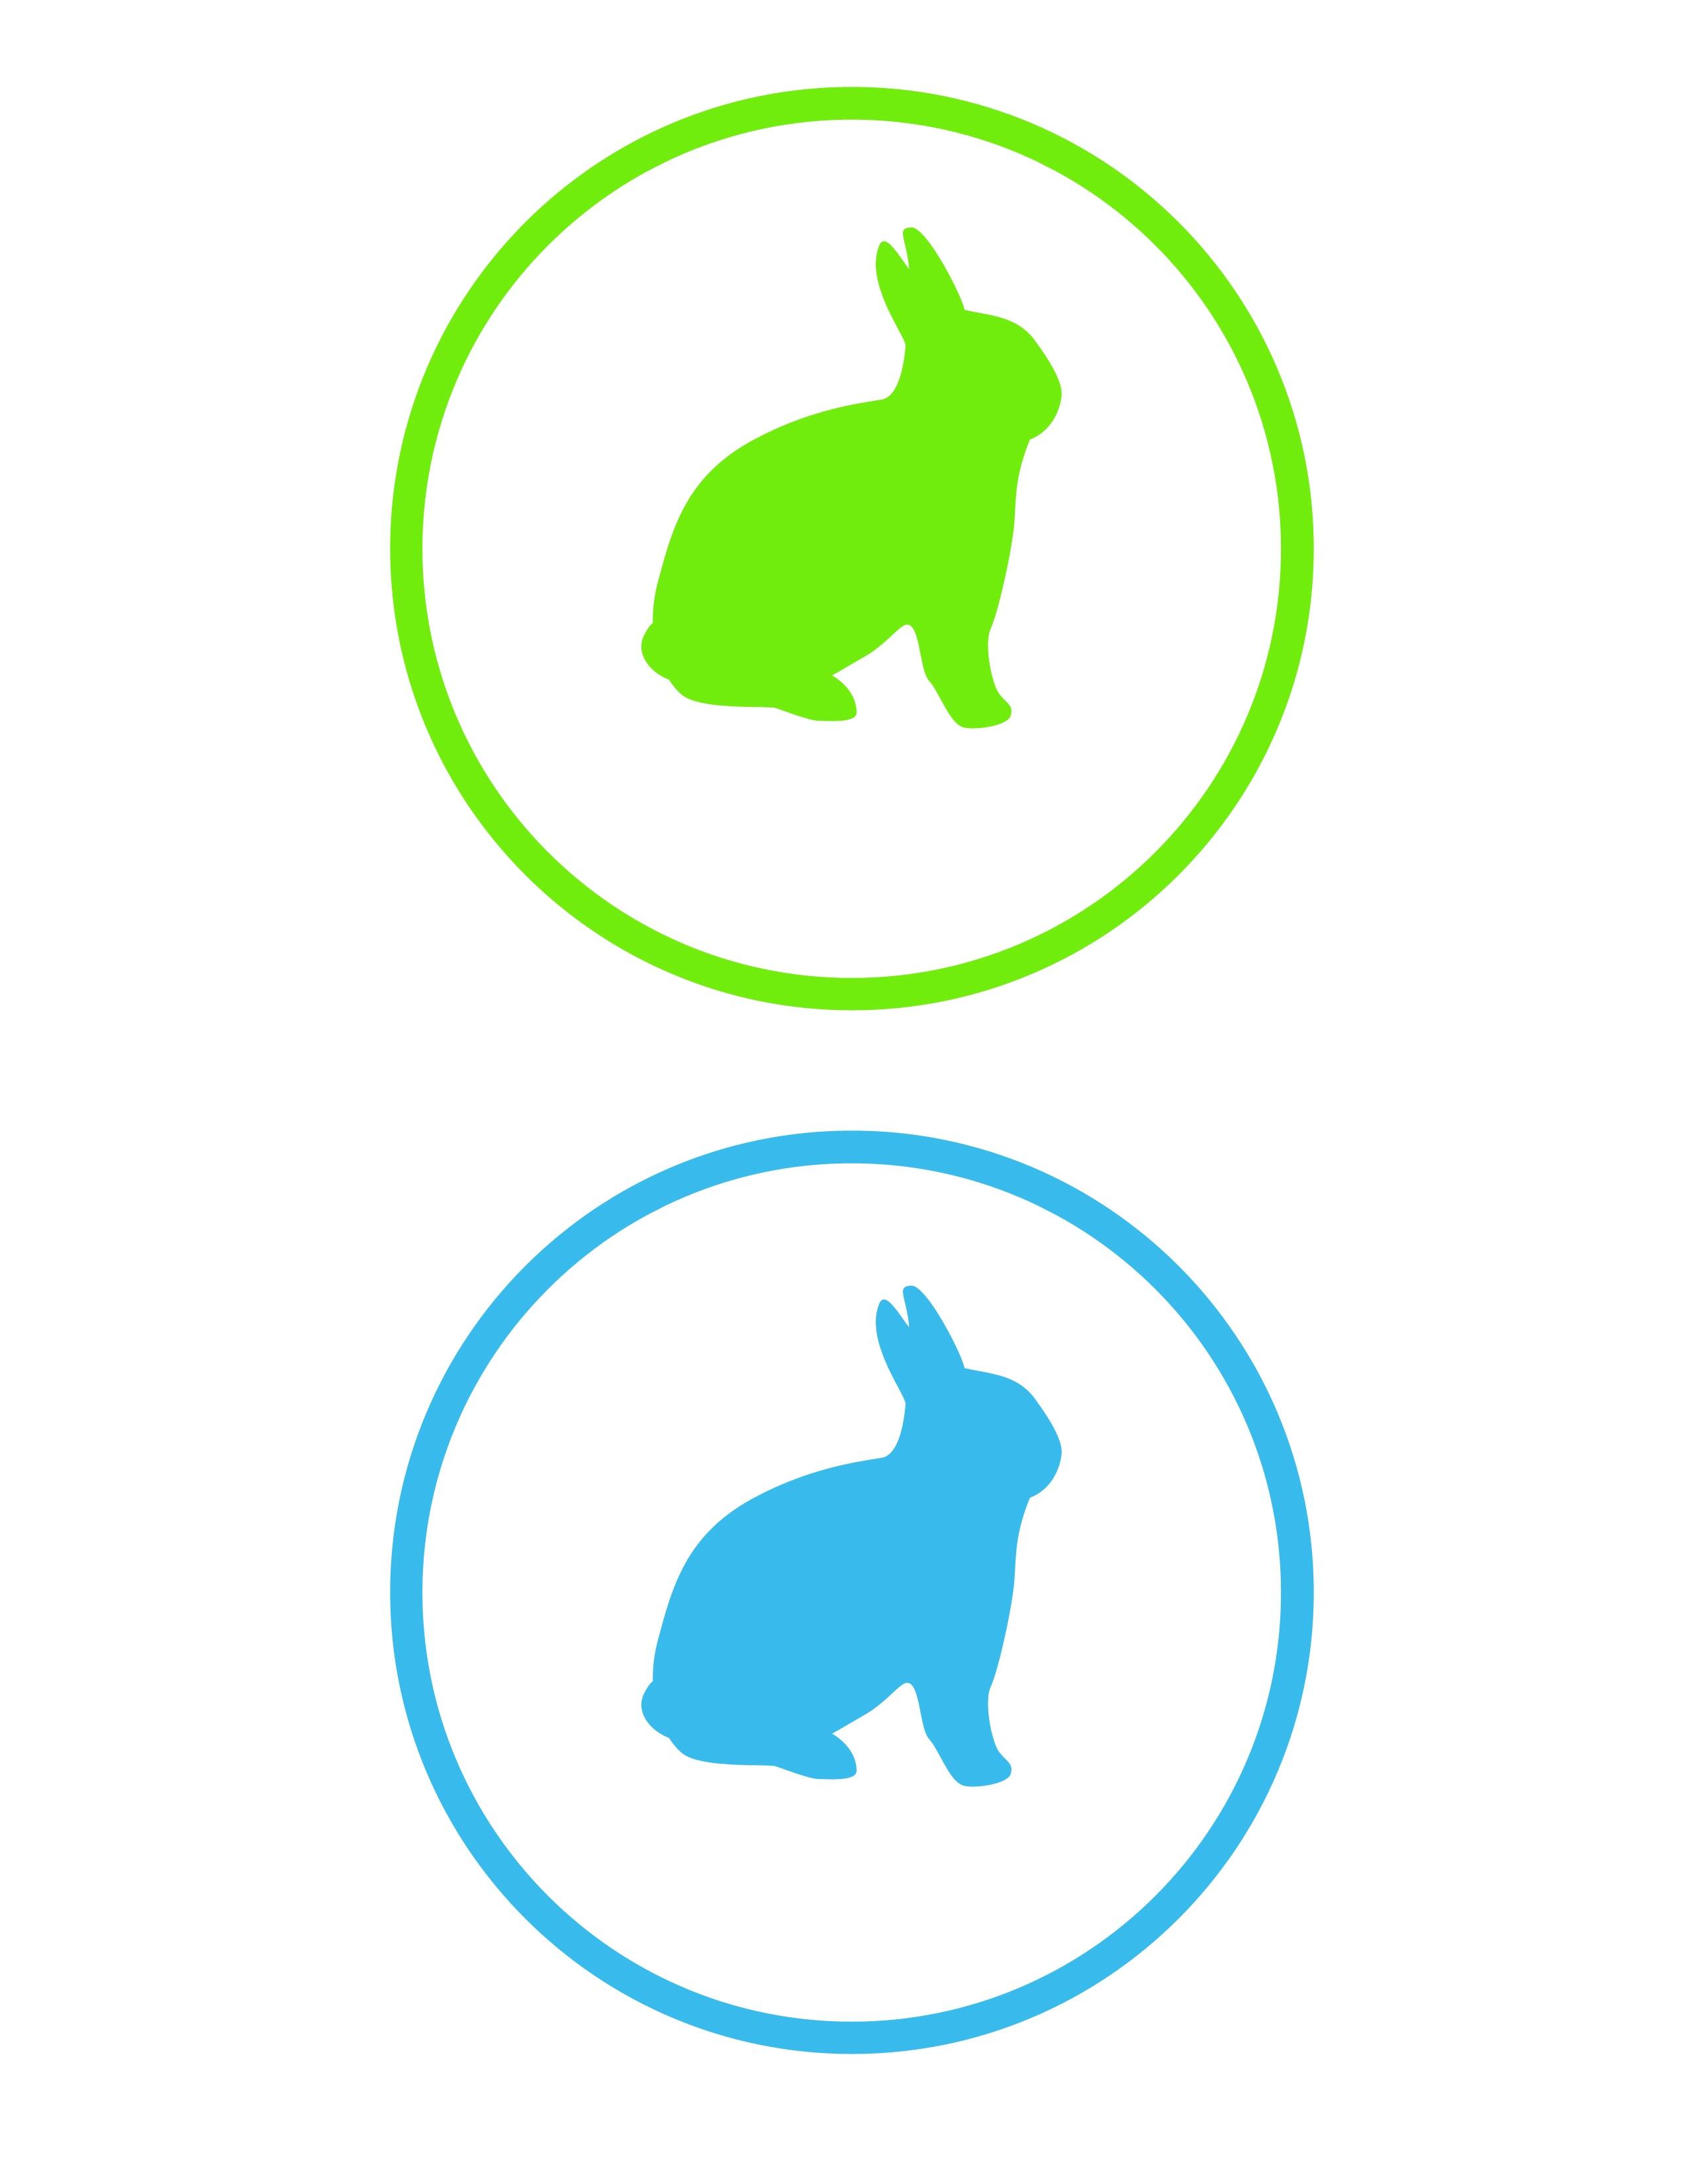 Free Printable Easter Basket Name Tags – Hd Easter Images - Free Easter Name Tags Printable